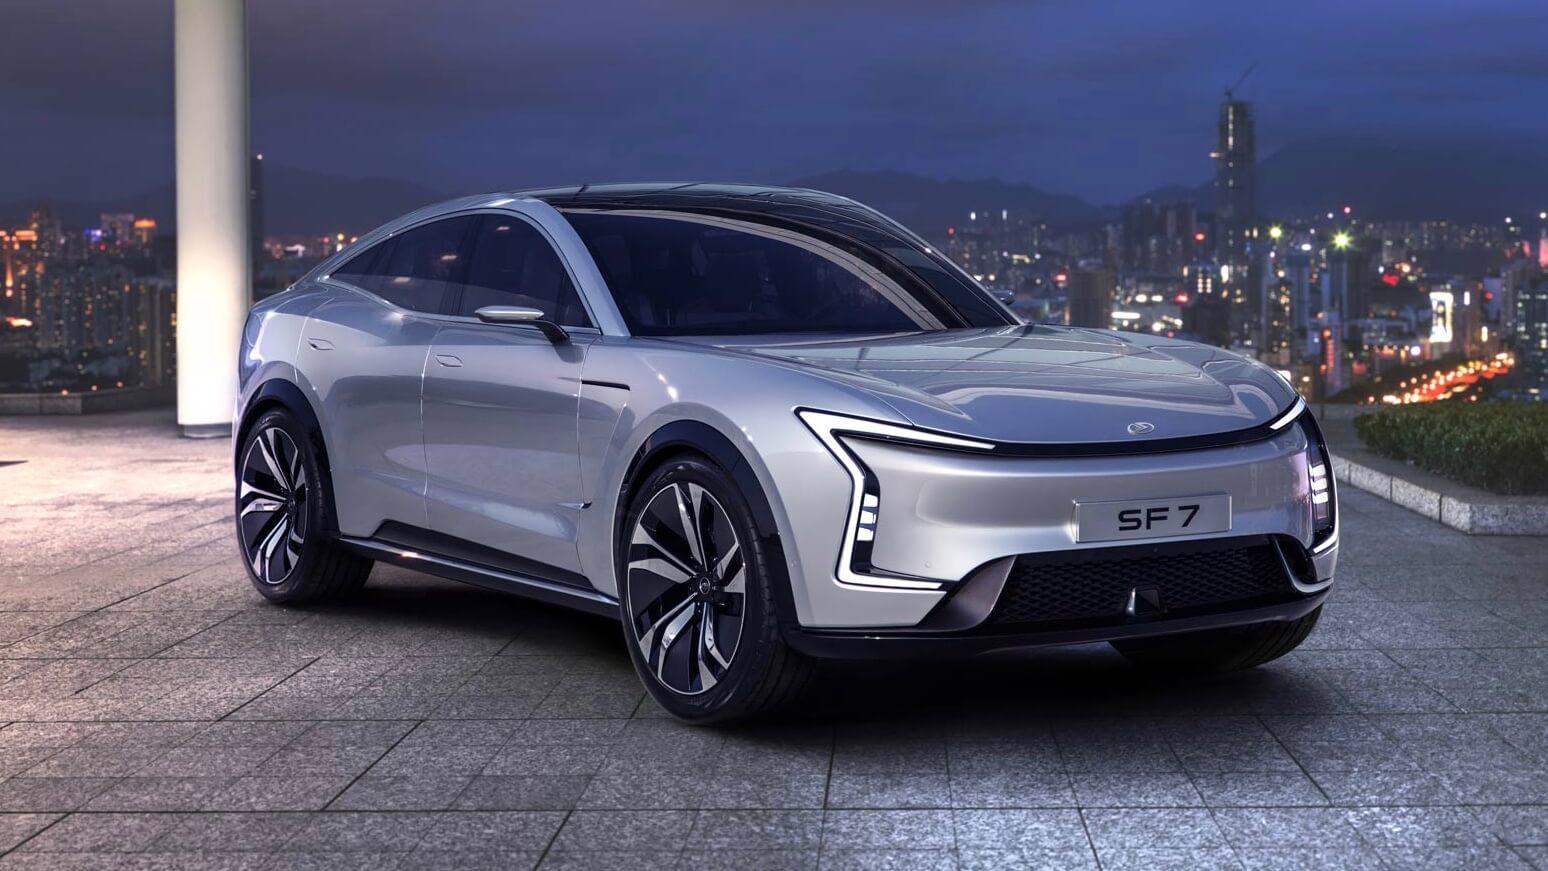 Seres SF7 elektrische auto